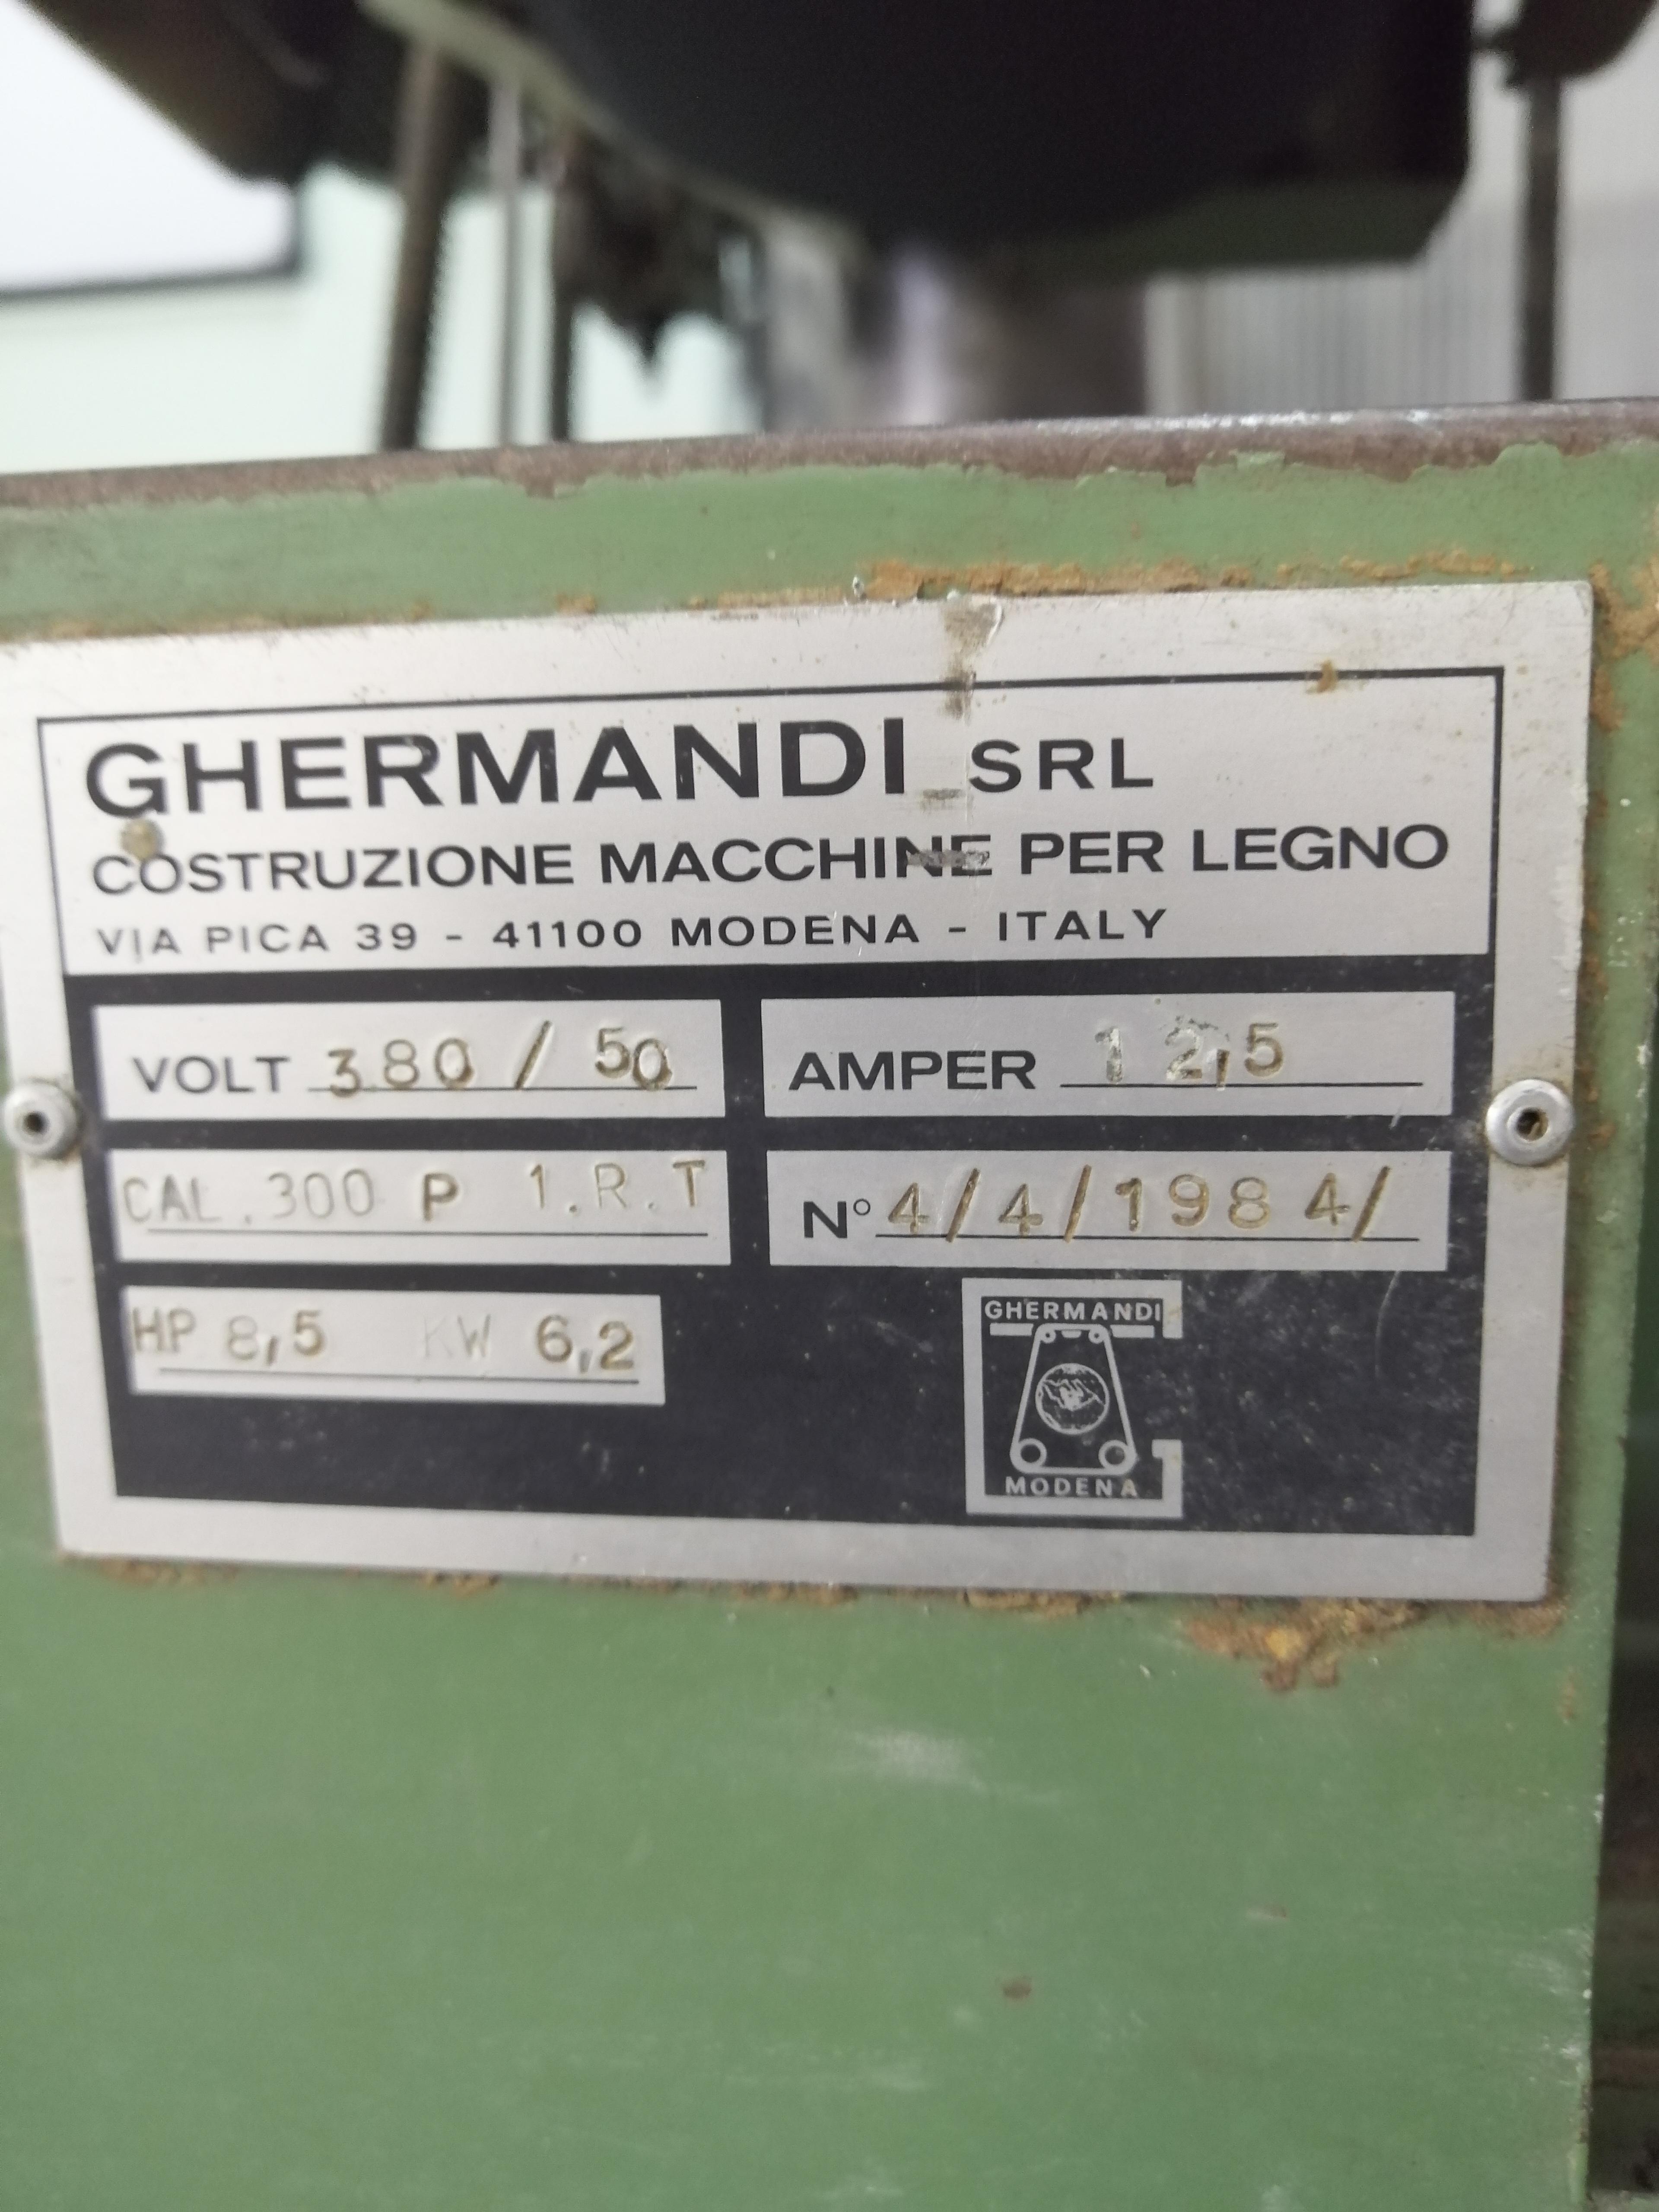 Calibratrice GHERMANDI CALIBER 300 - 1NT in vendita - foto 5